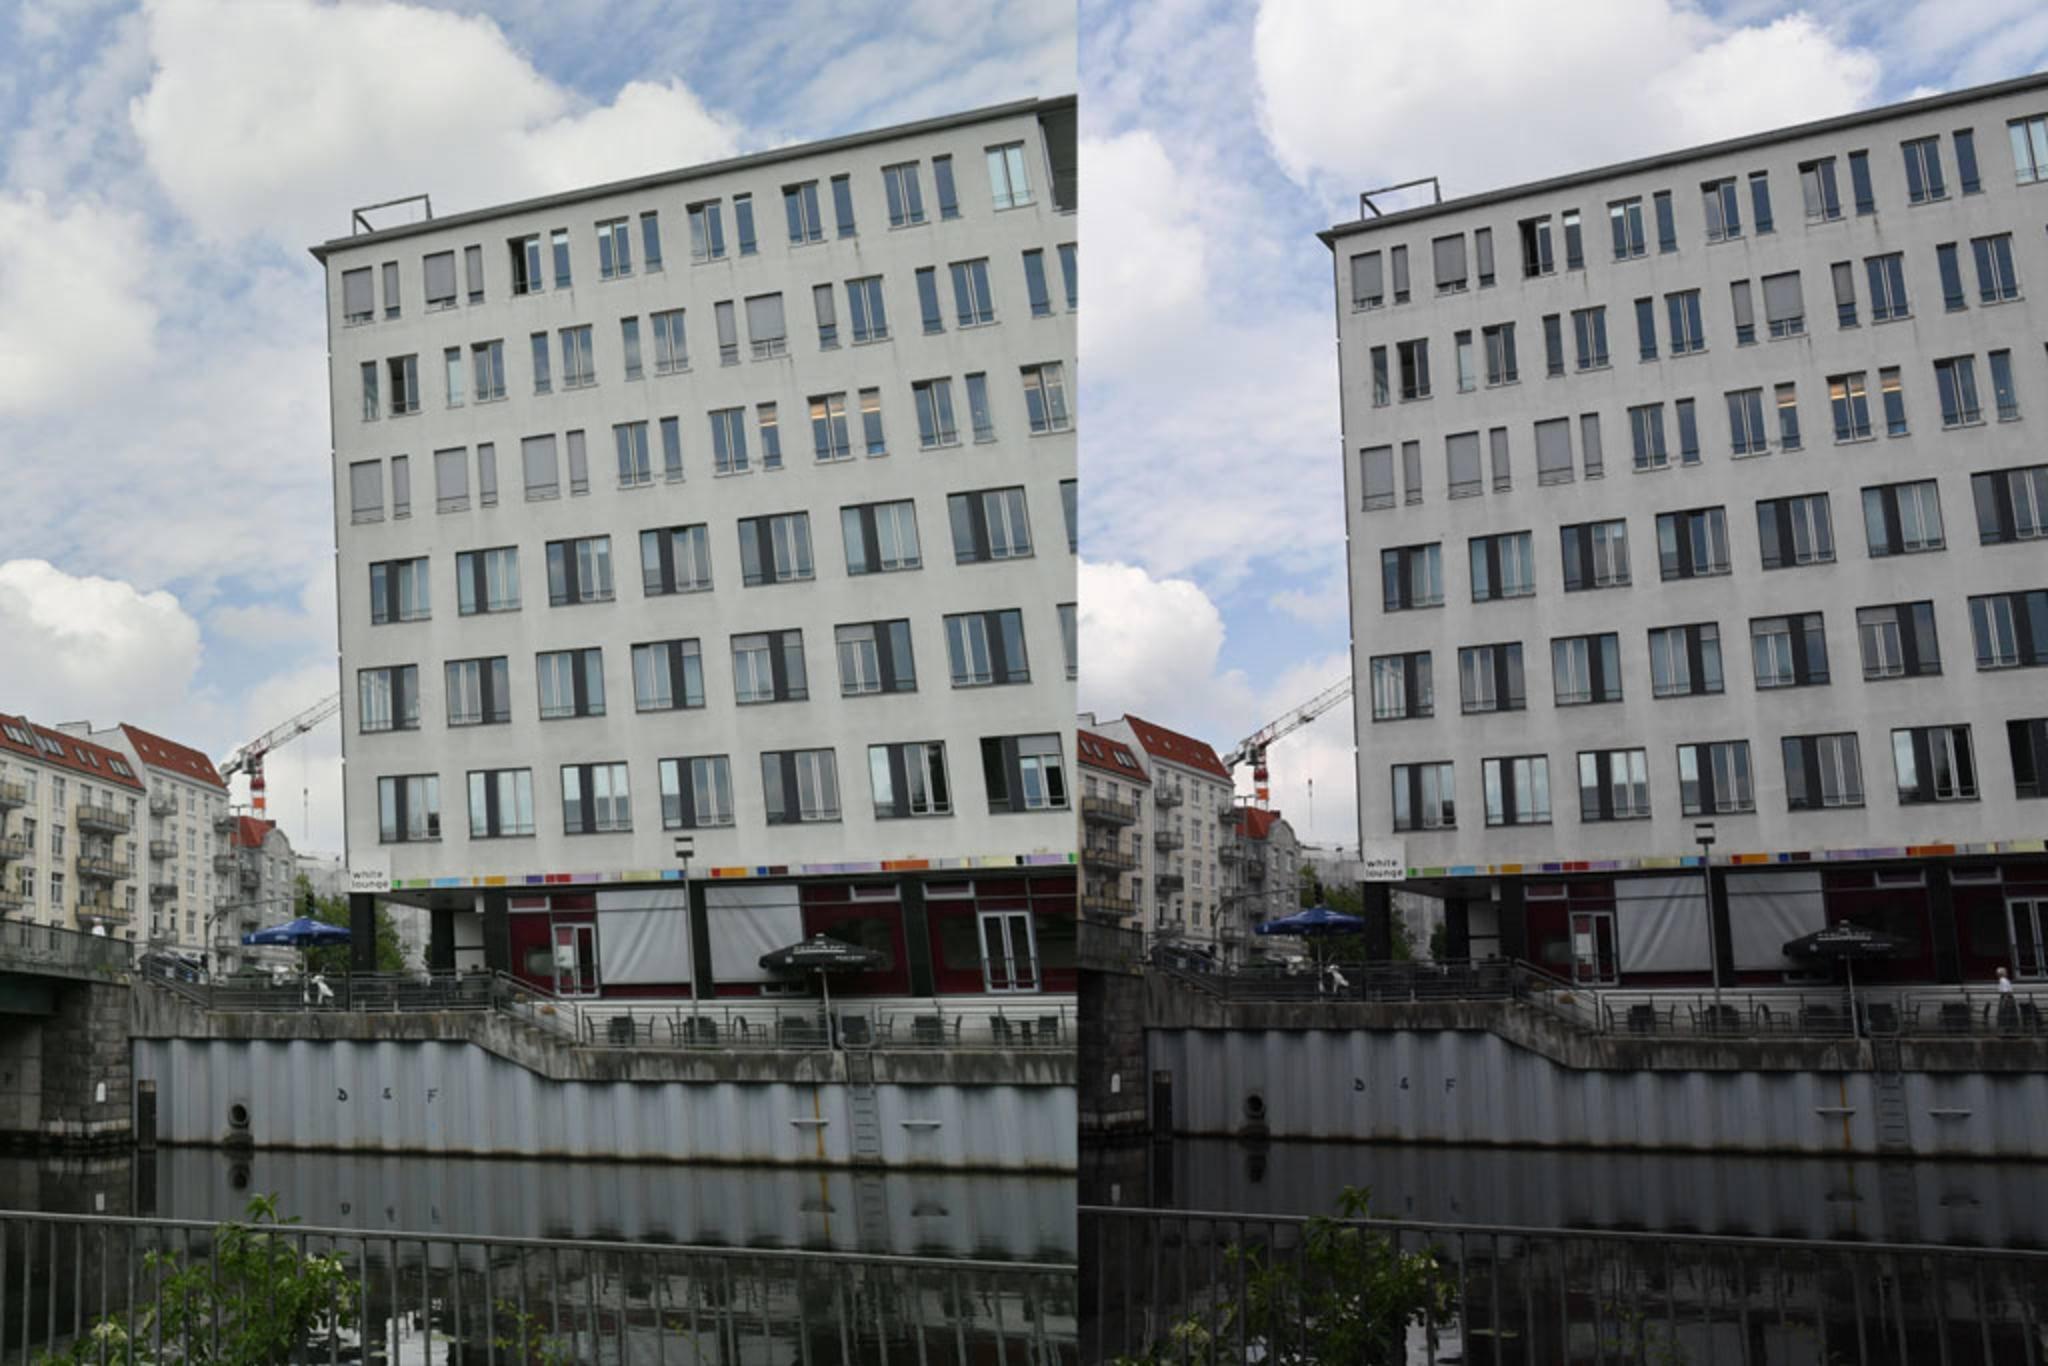 Hier kann man den HDR-Effekt sehen: Links ist mit HDR, rechts ohne, aber ...